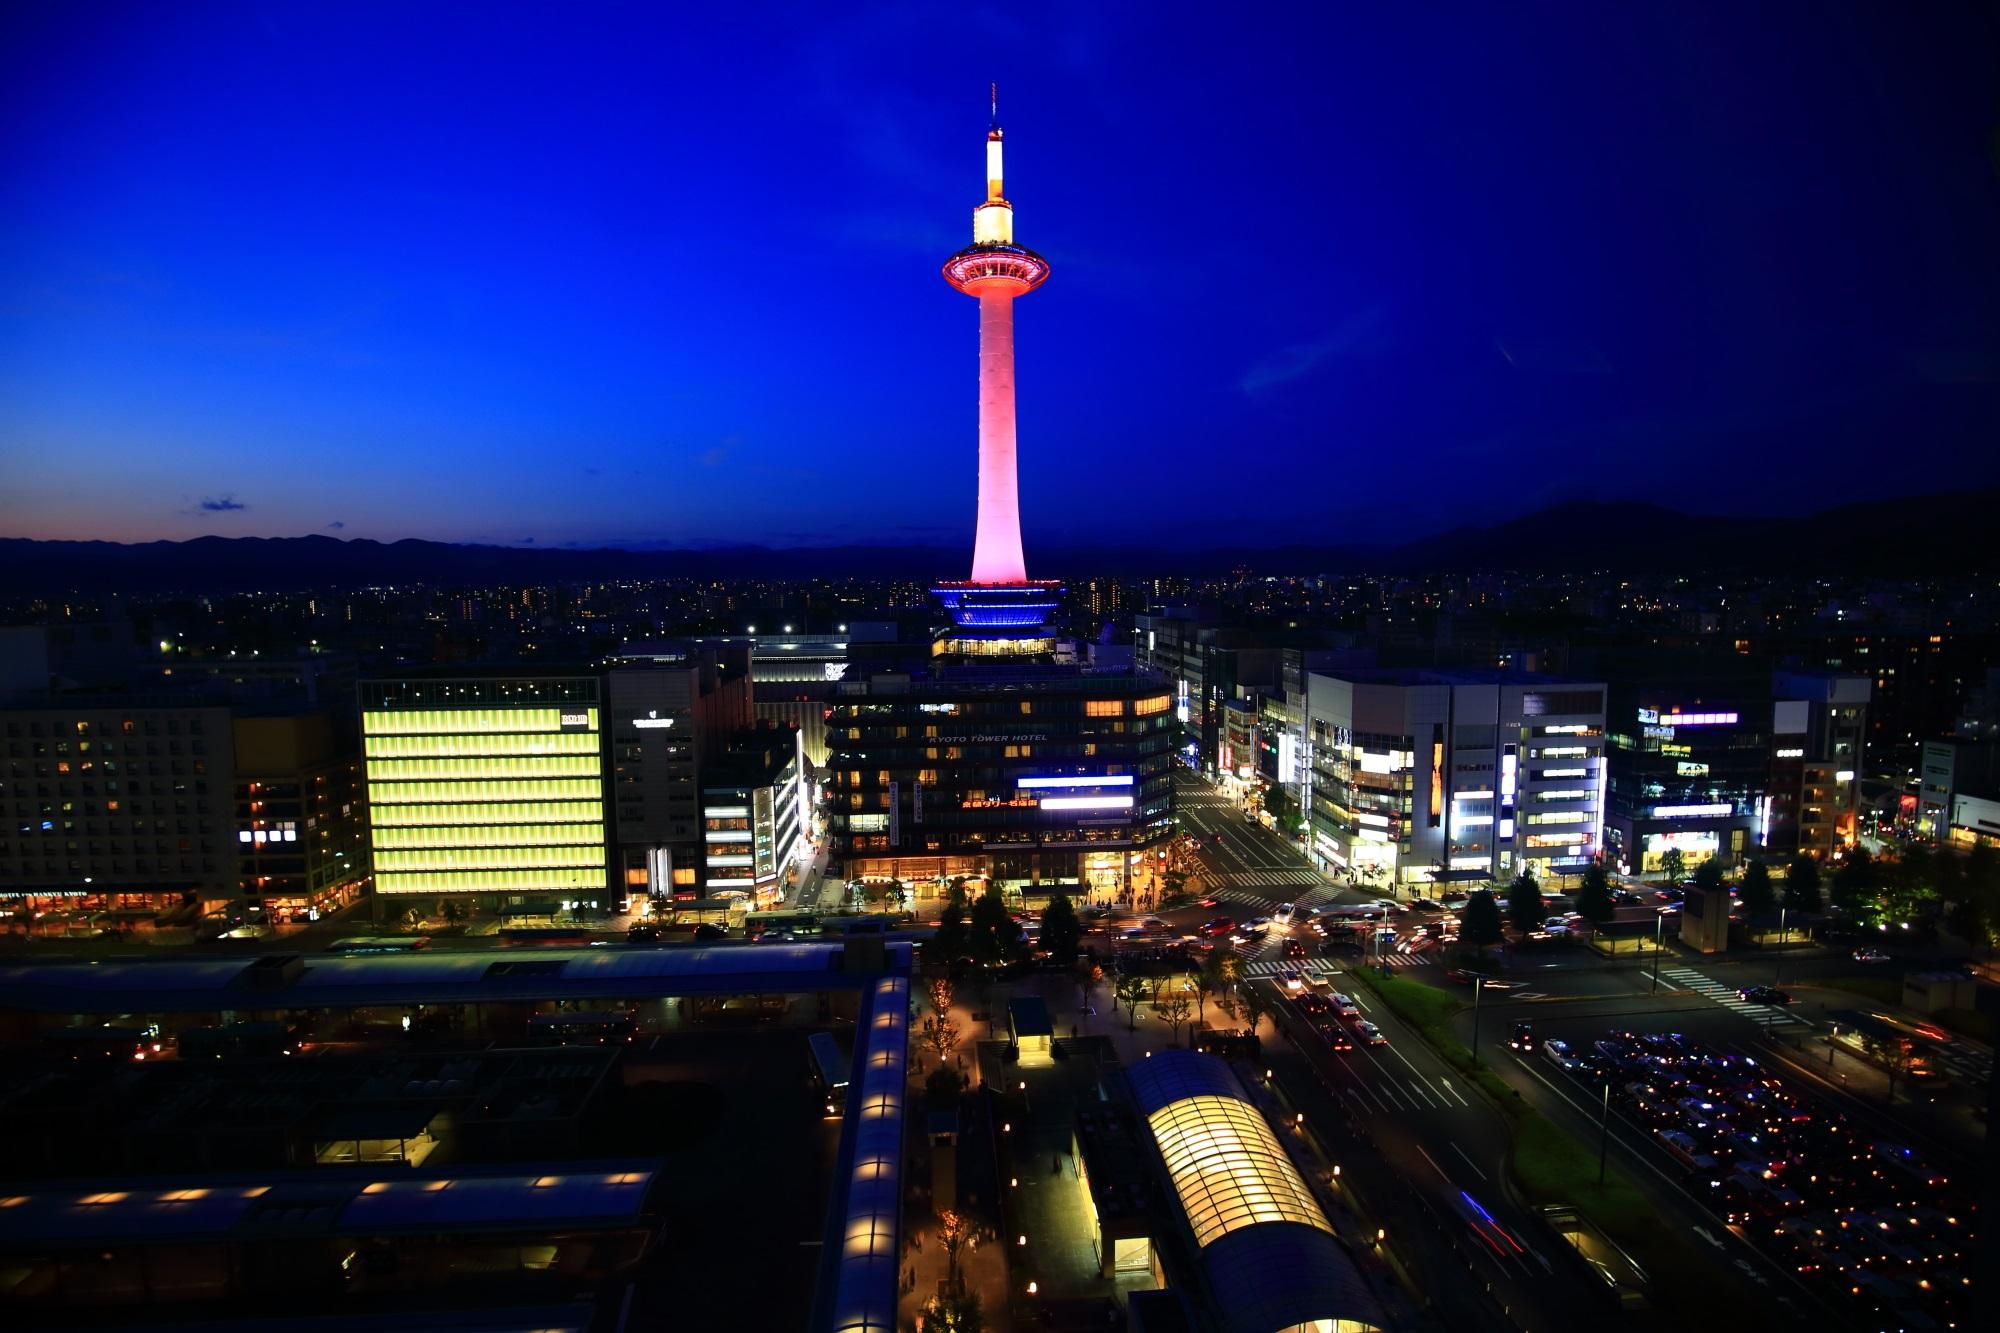 ピンクリボンライトアップの京都タワー(駅ビル空中経路)と夜景と葵色の空